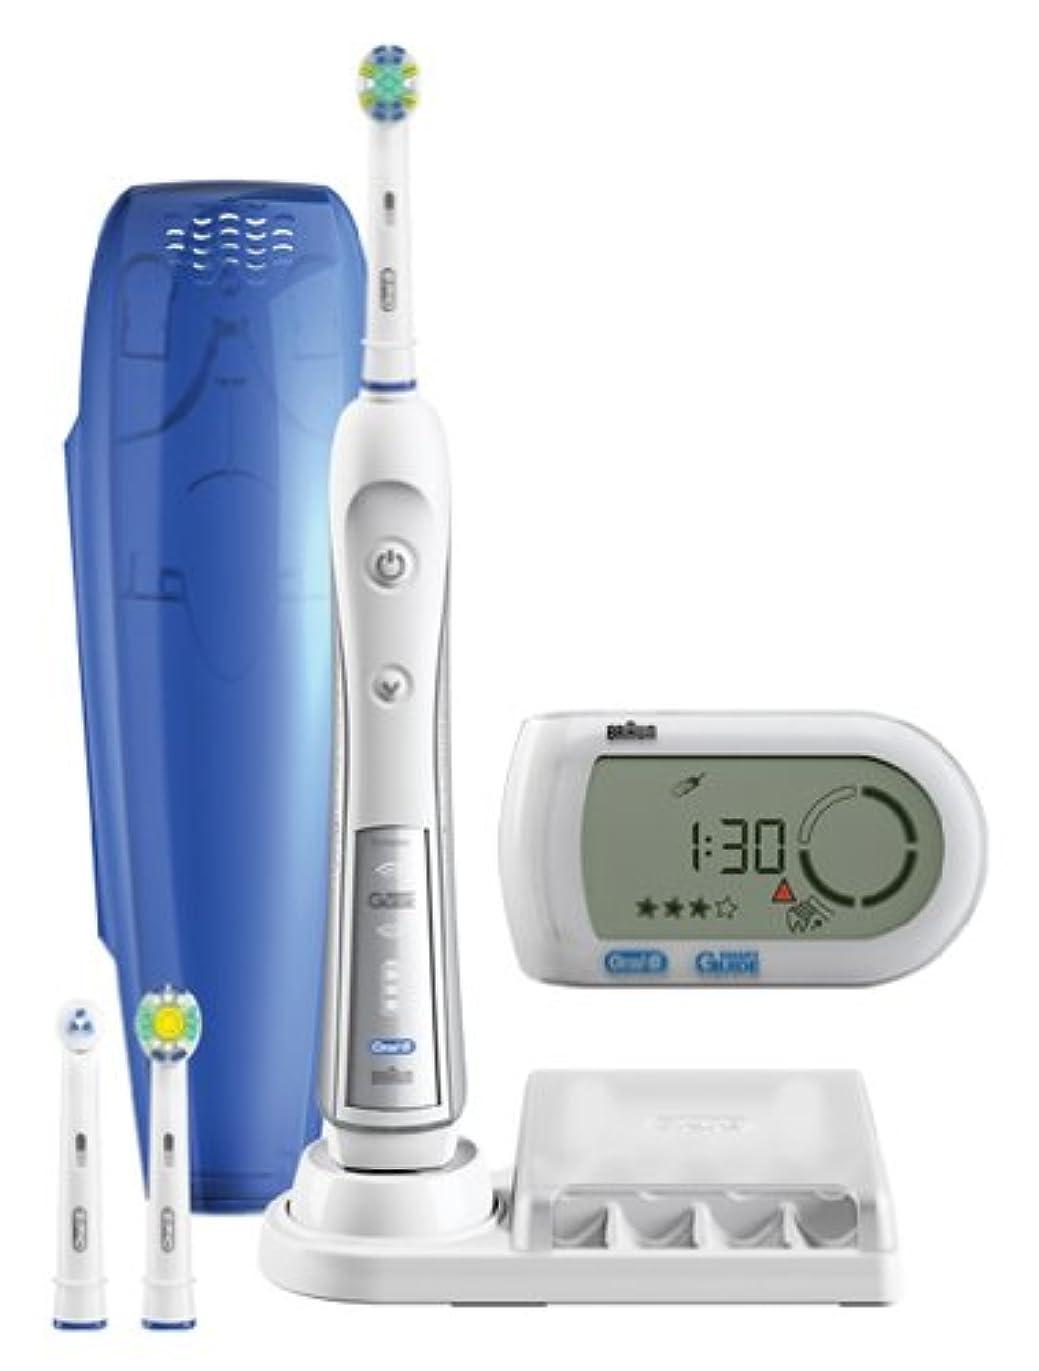 しおれた小道中級ブラウン オーラルB 電動歯ブラシ デンタプライド5000 歯磨きナビ付 D345355X